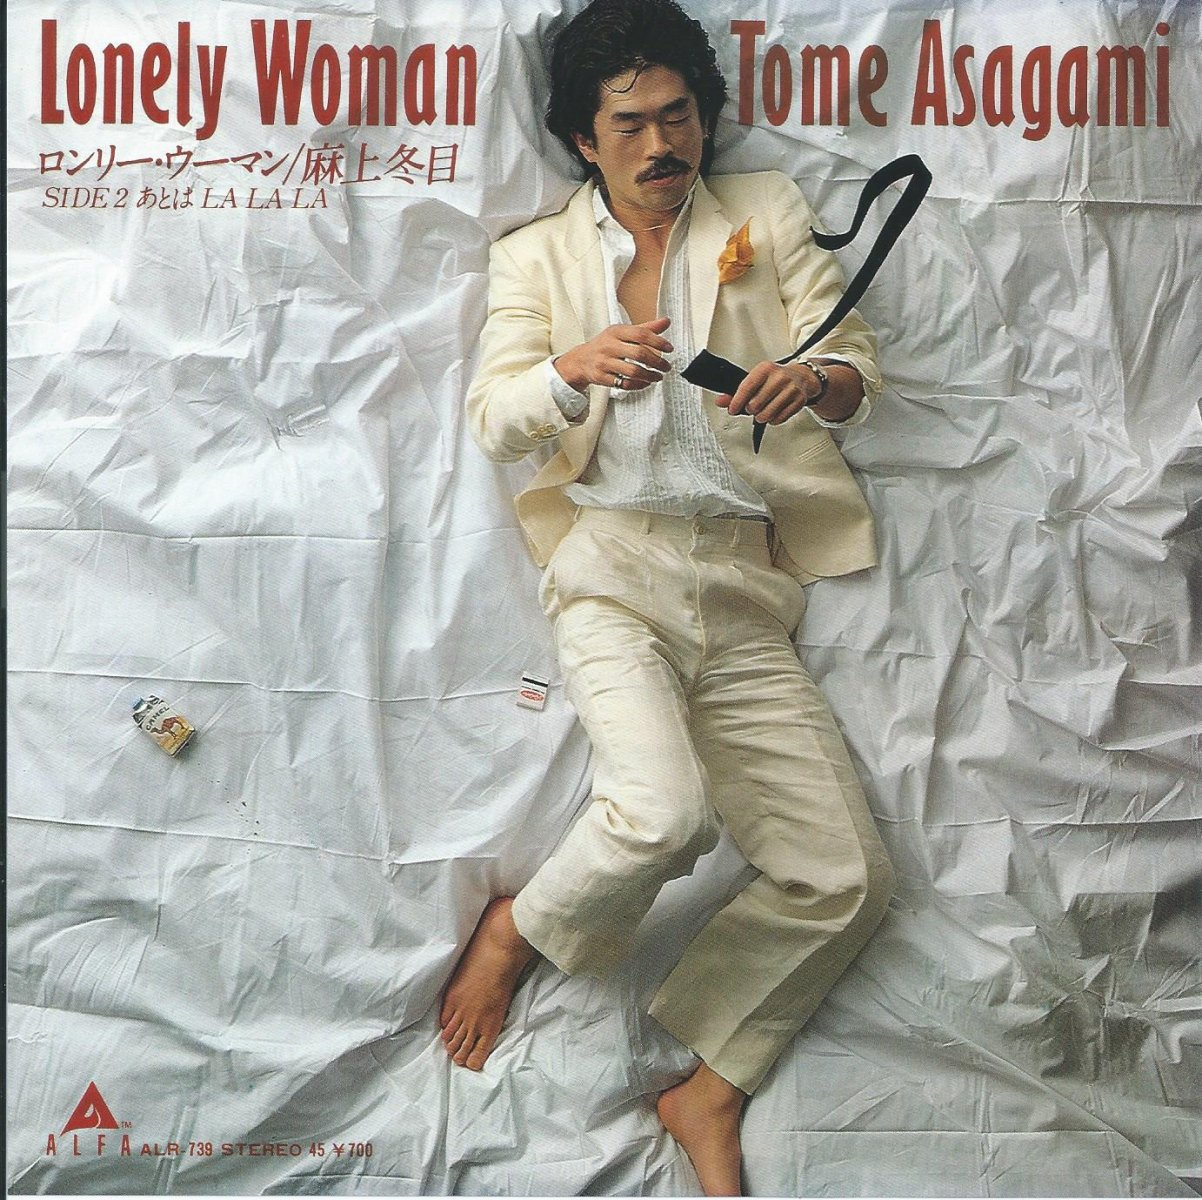 麻上冬目  TOME ASAGAMI / ロンリー・ウーマン LONELY WOMAN / あとはLA LA LA (7